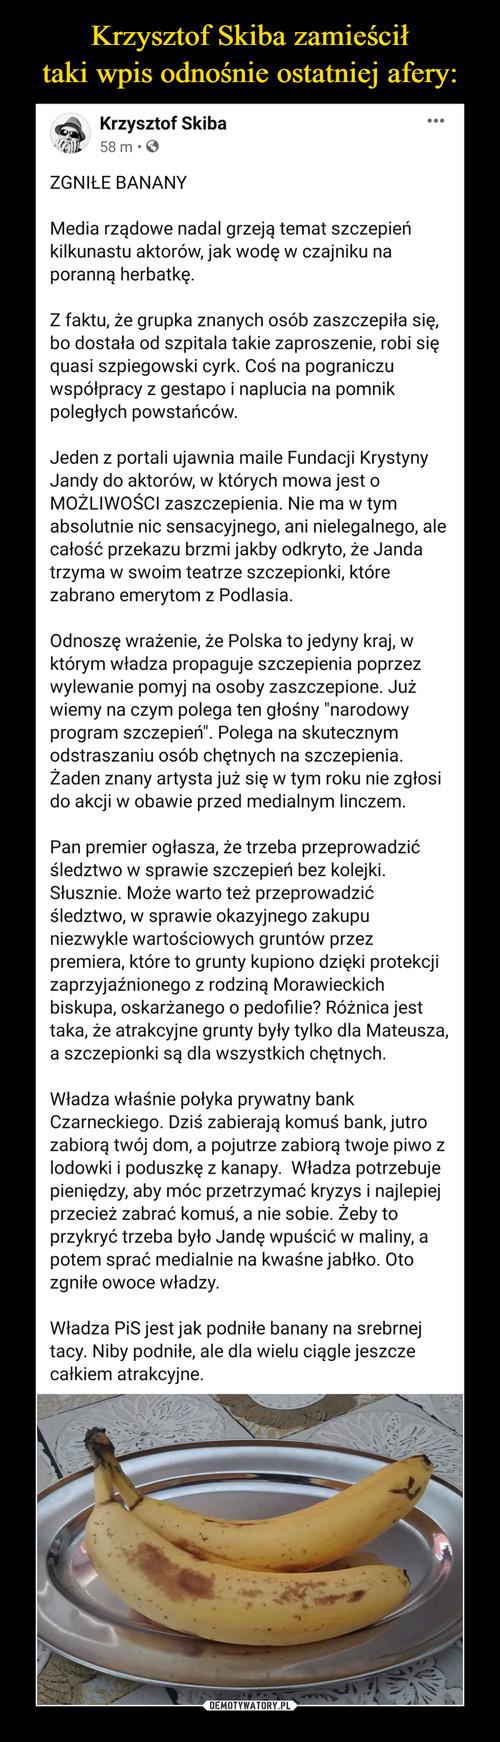 Krzysztof Skiba zamieścił taki wpis odnośnie ostatniej afery: